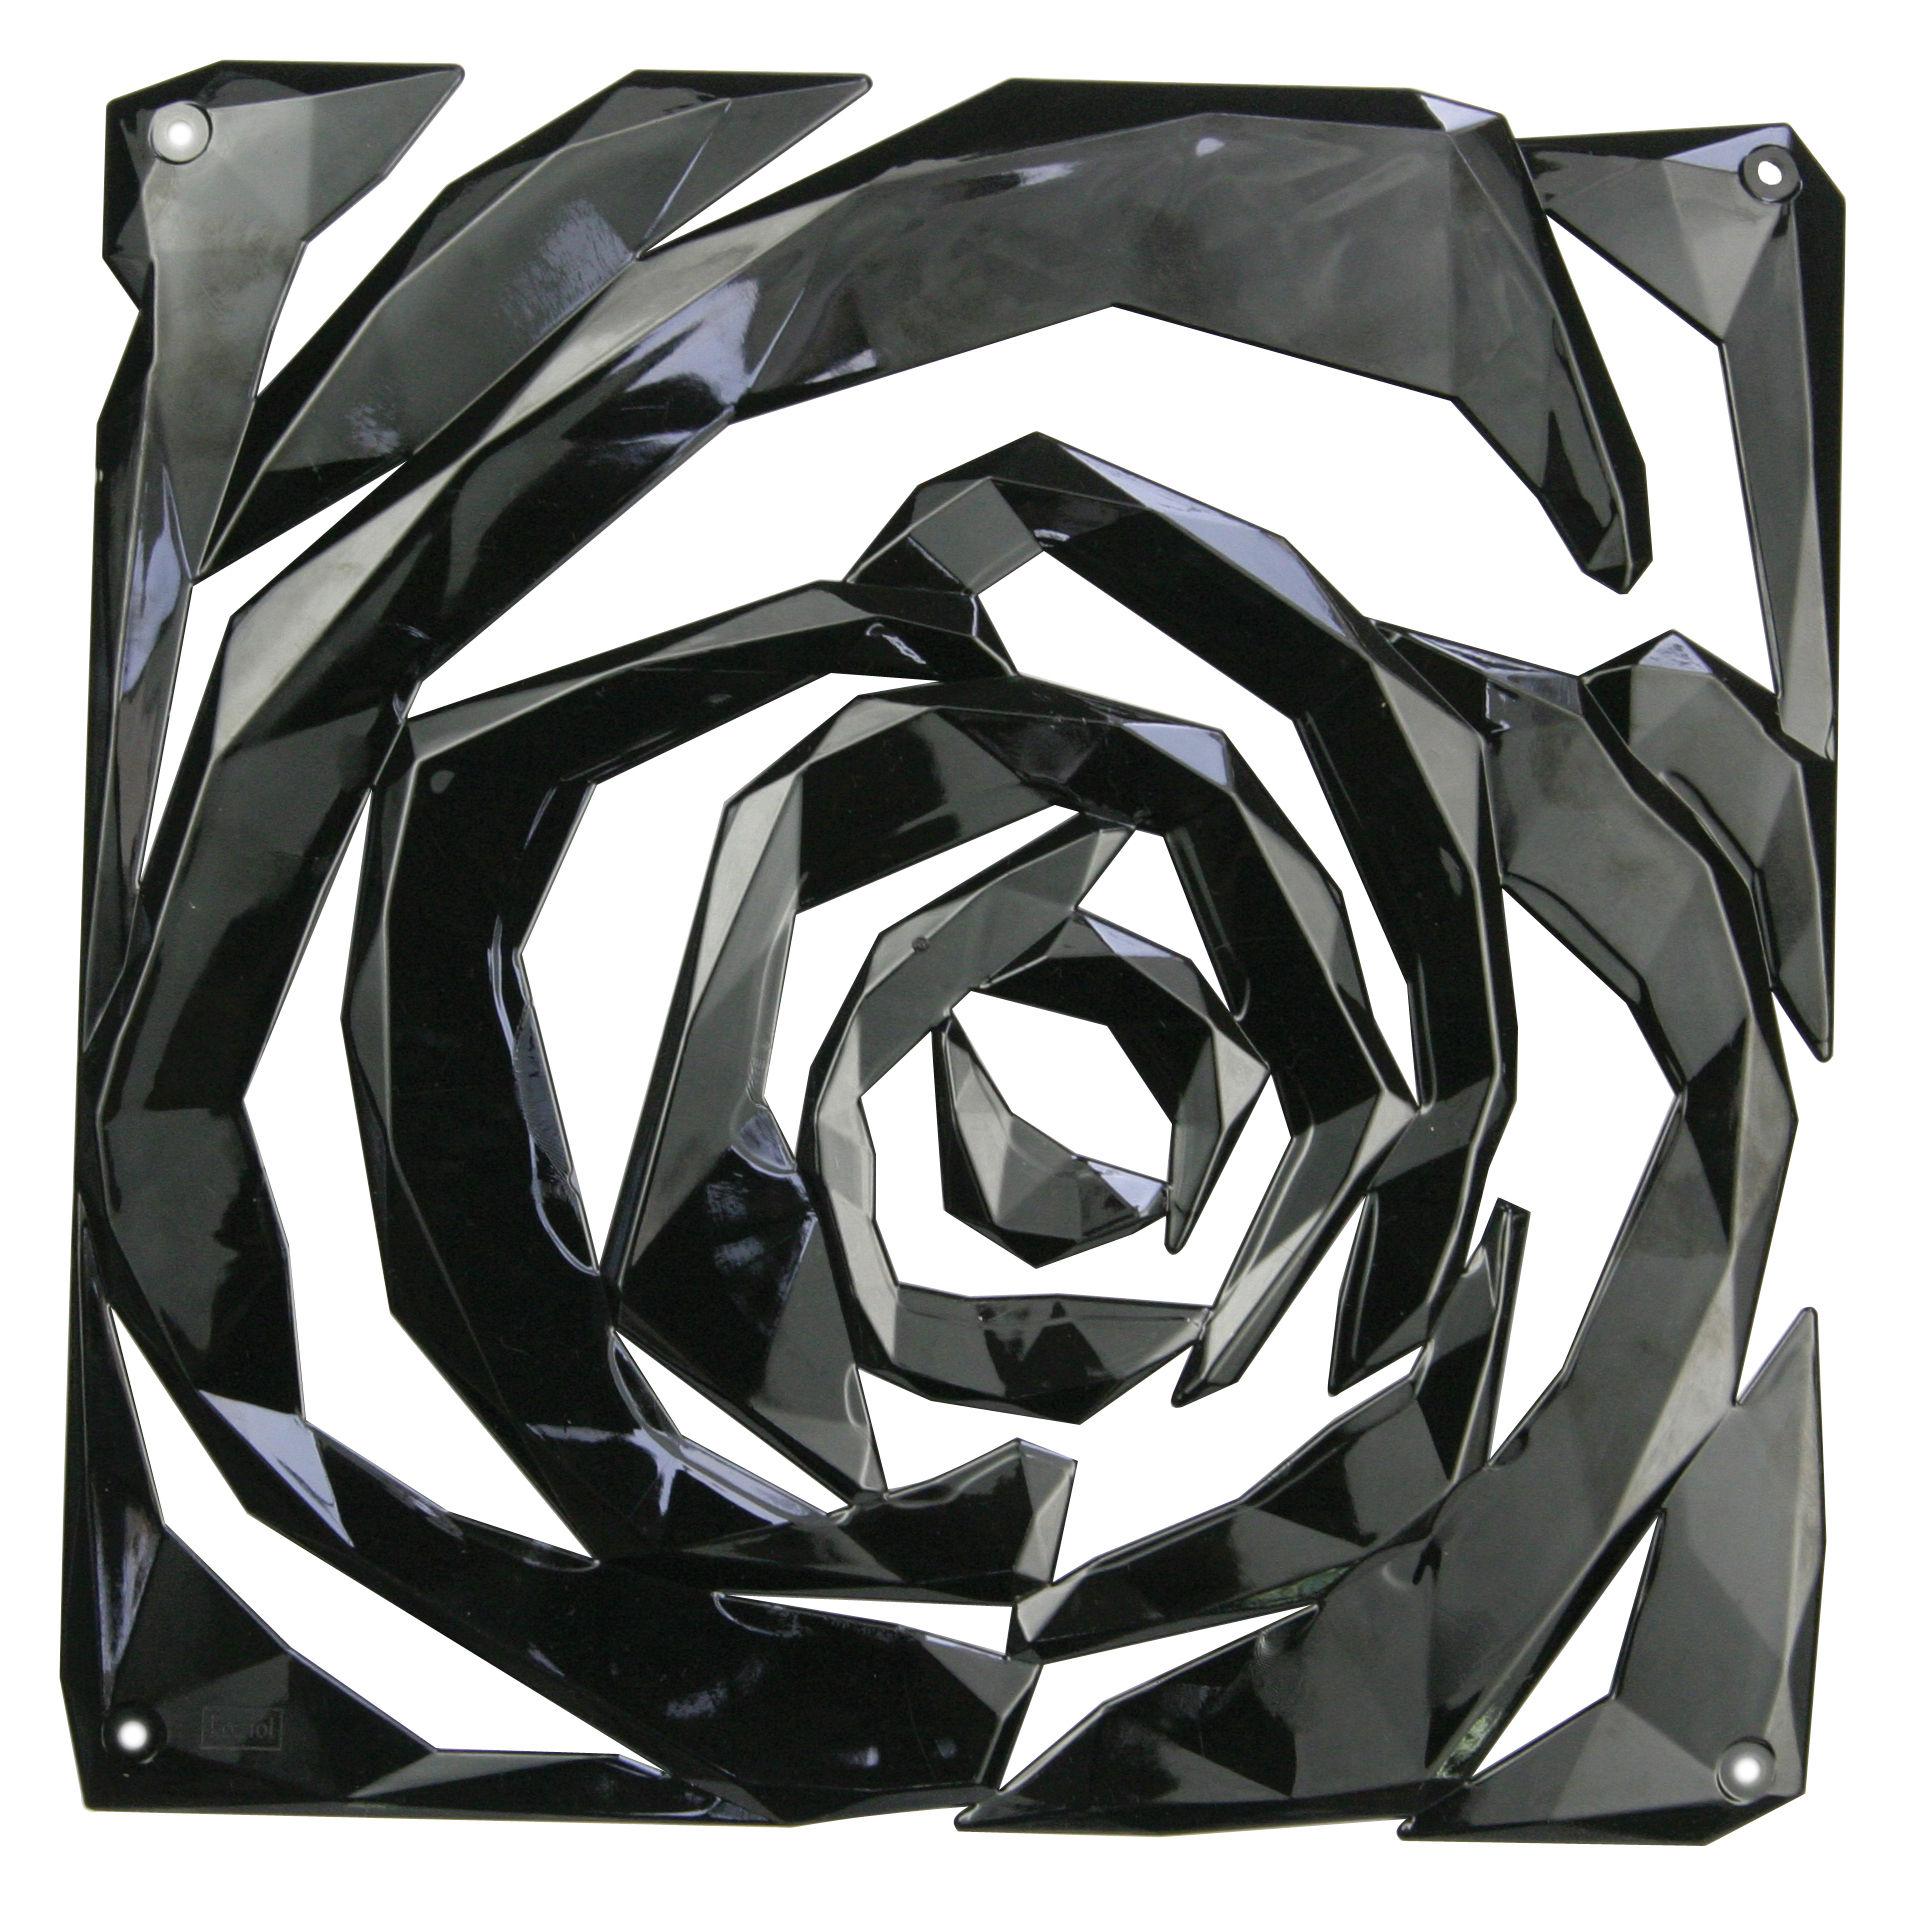 Mobilier - Paravents, séparations - Cloison Romance / Set de 4 - Crochets inclus - Koziol - Noir - Polycarbonate